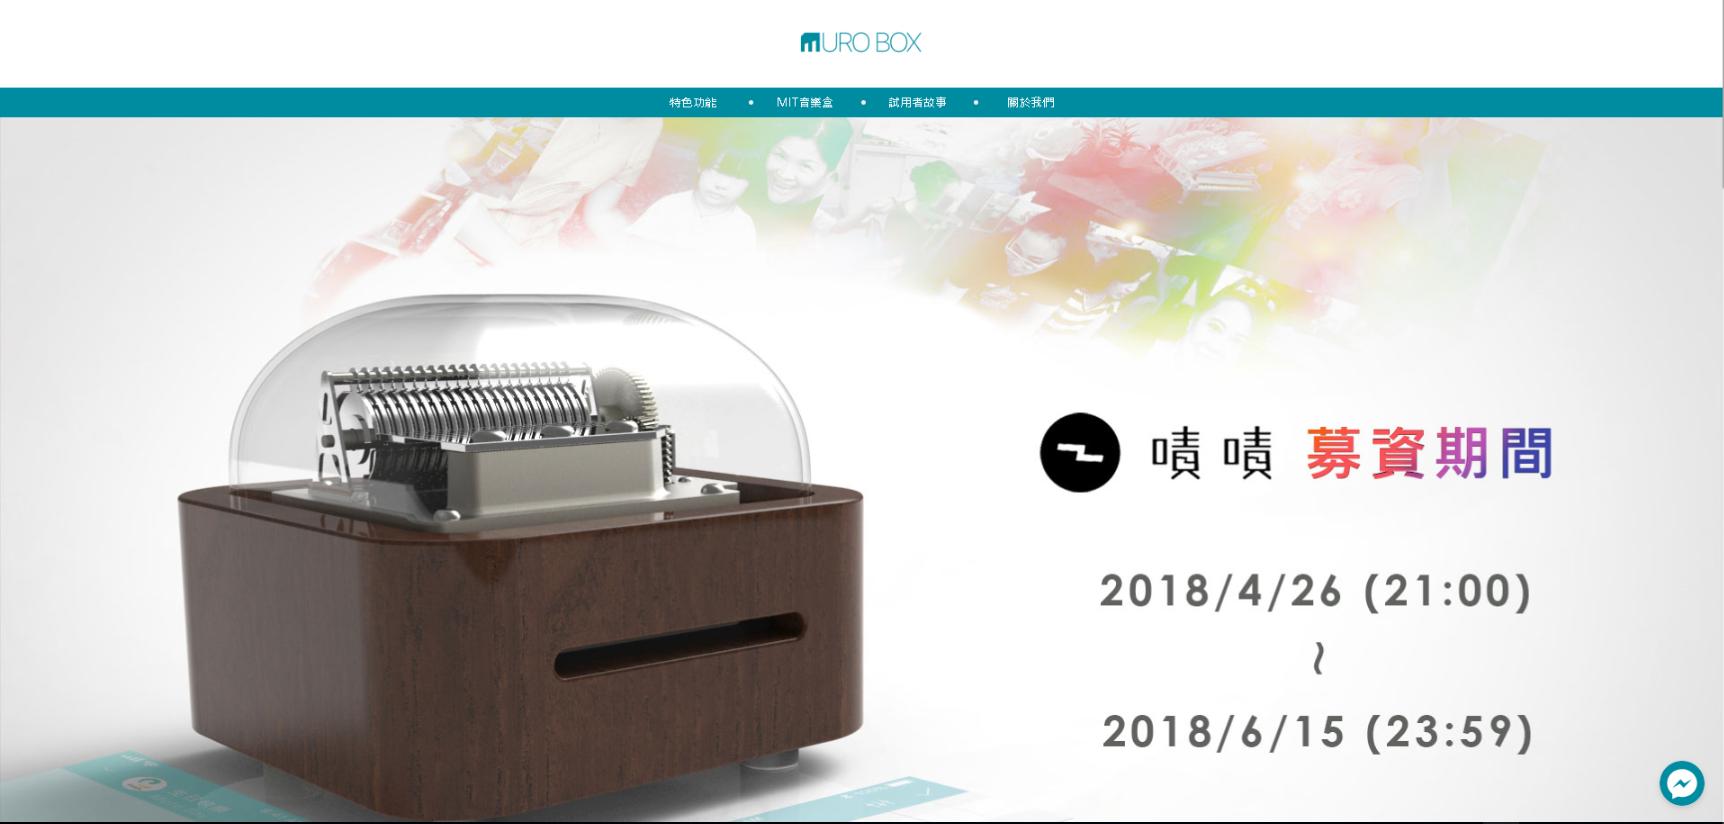 MuroBox產品網頁募資期間截圖.png